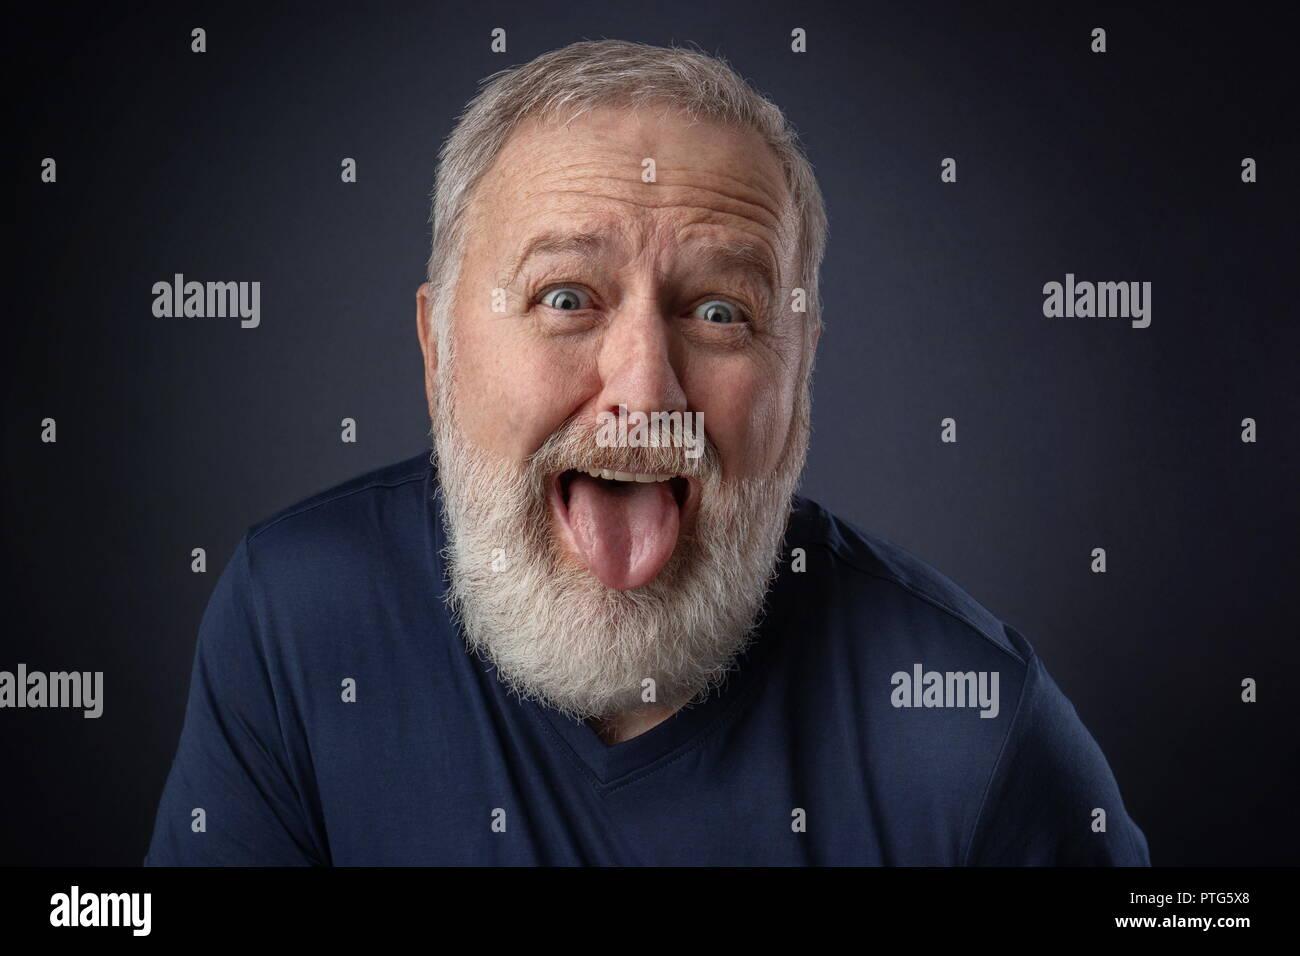 Retrato de un hombre viejo haciendo una horrible mueca y tirando de la lengua fuera Imagen De Stock